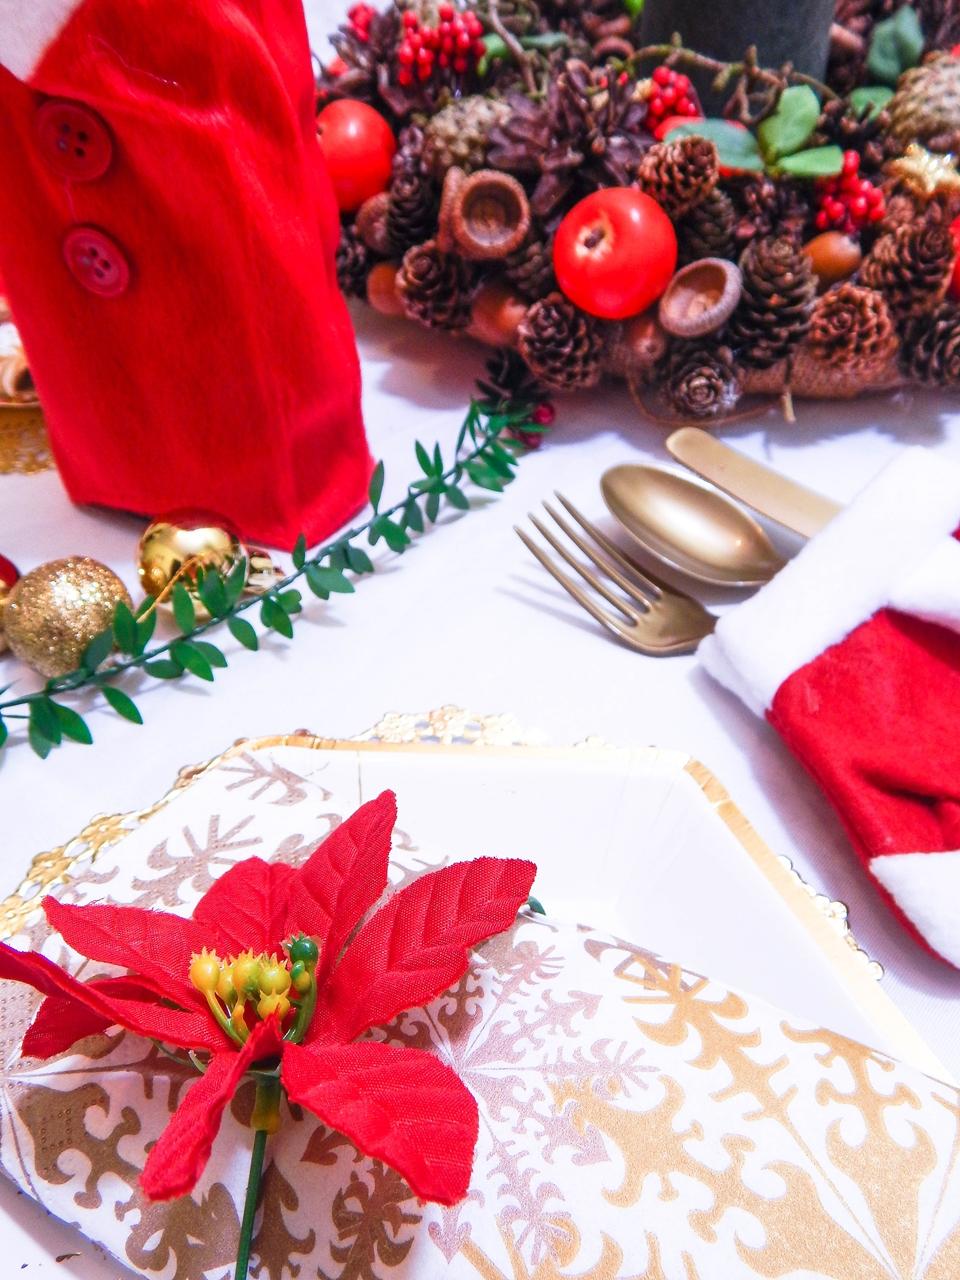 13 dekoracja świątecznego stołu jak udekorować stół na boże narodzenie dekoracja kolacja wigilijna dekoracja stroik na stół wigilijny wianek świeczka mikołajowe ubrania na butelki mikołaje na sztućce